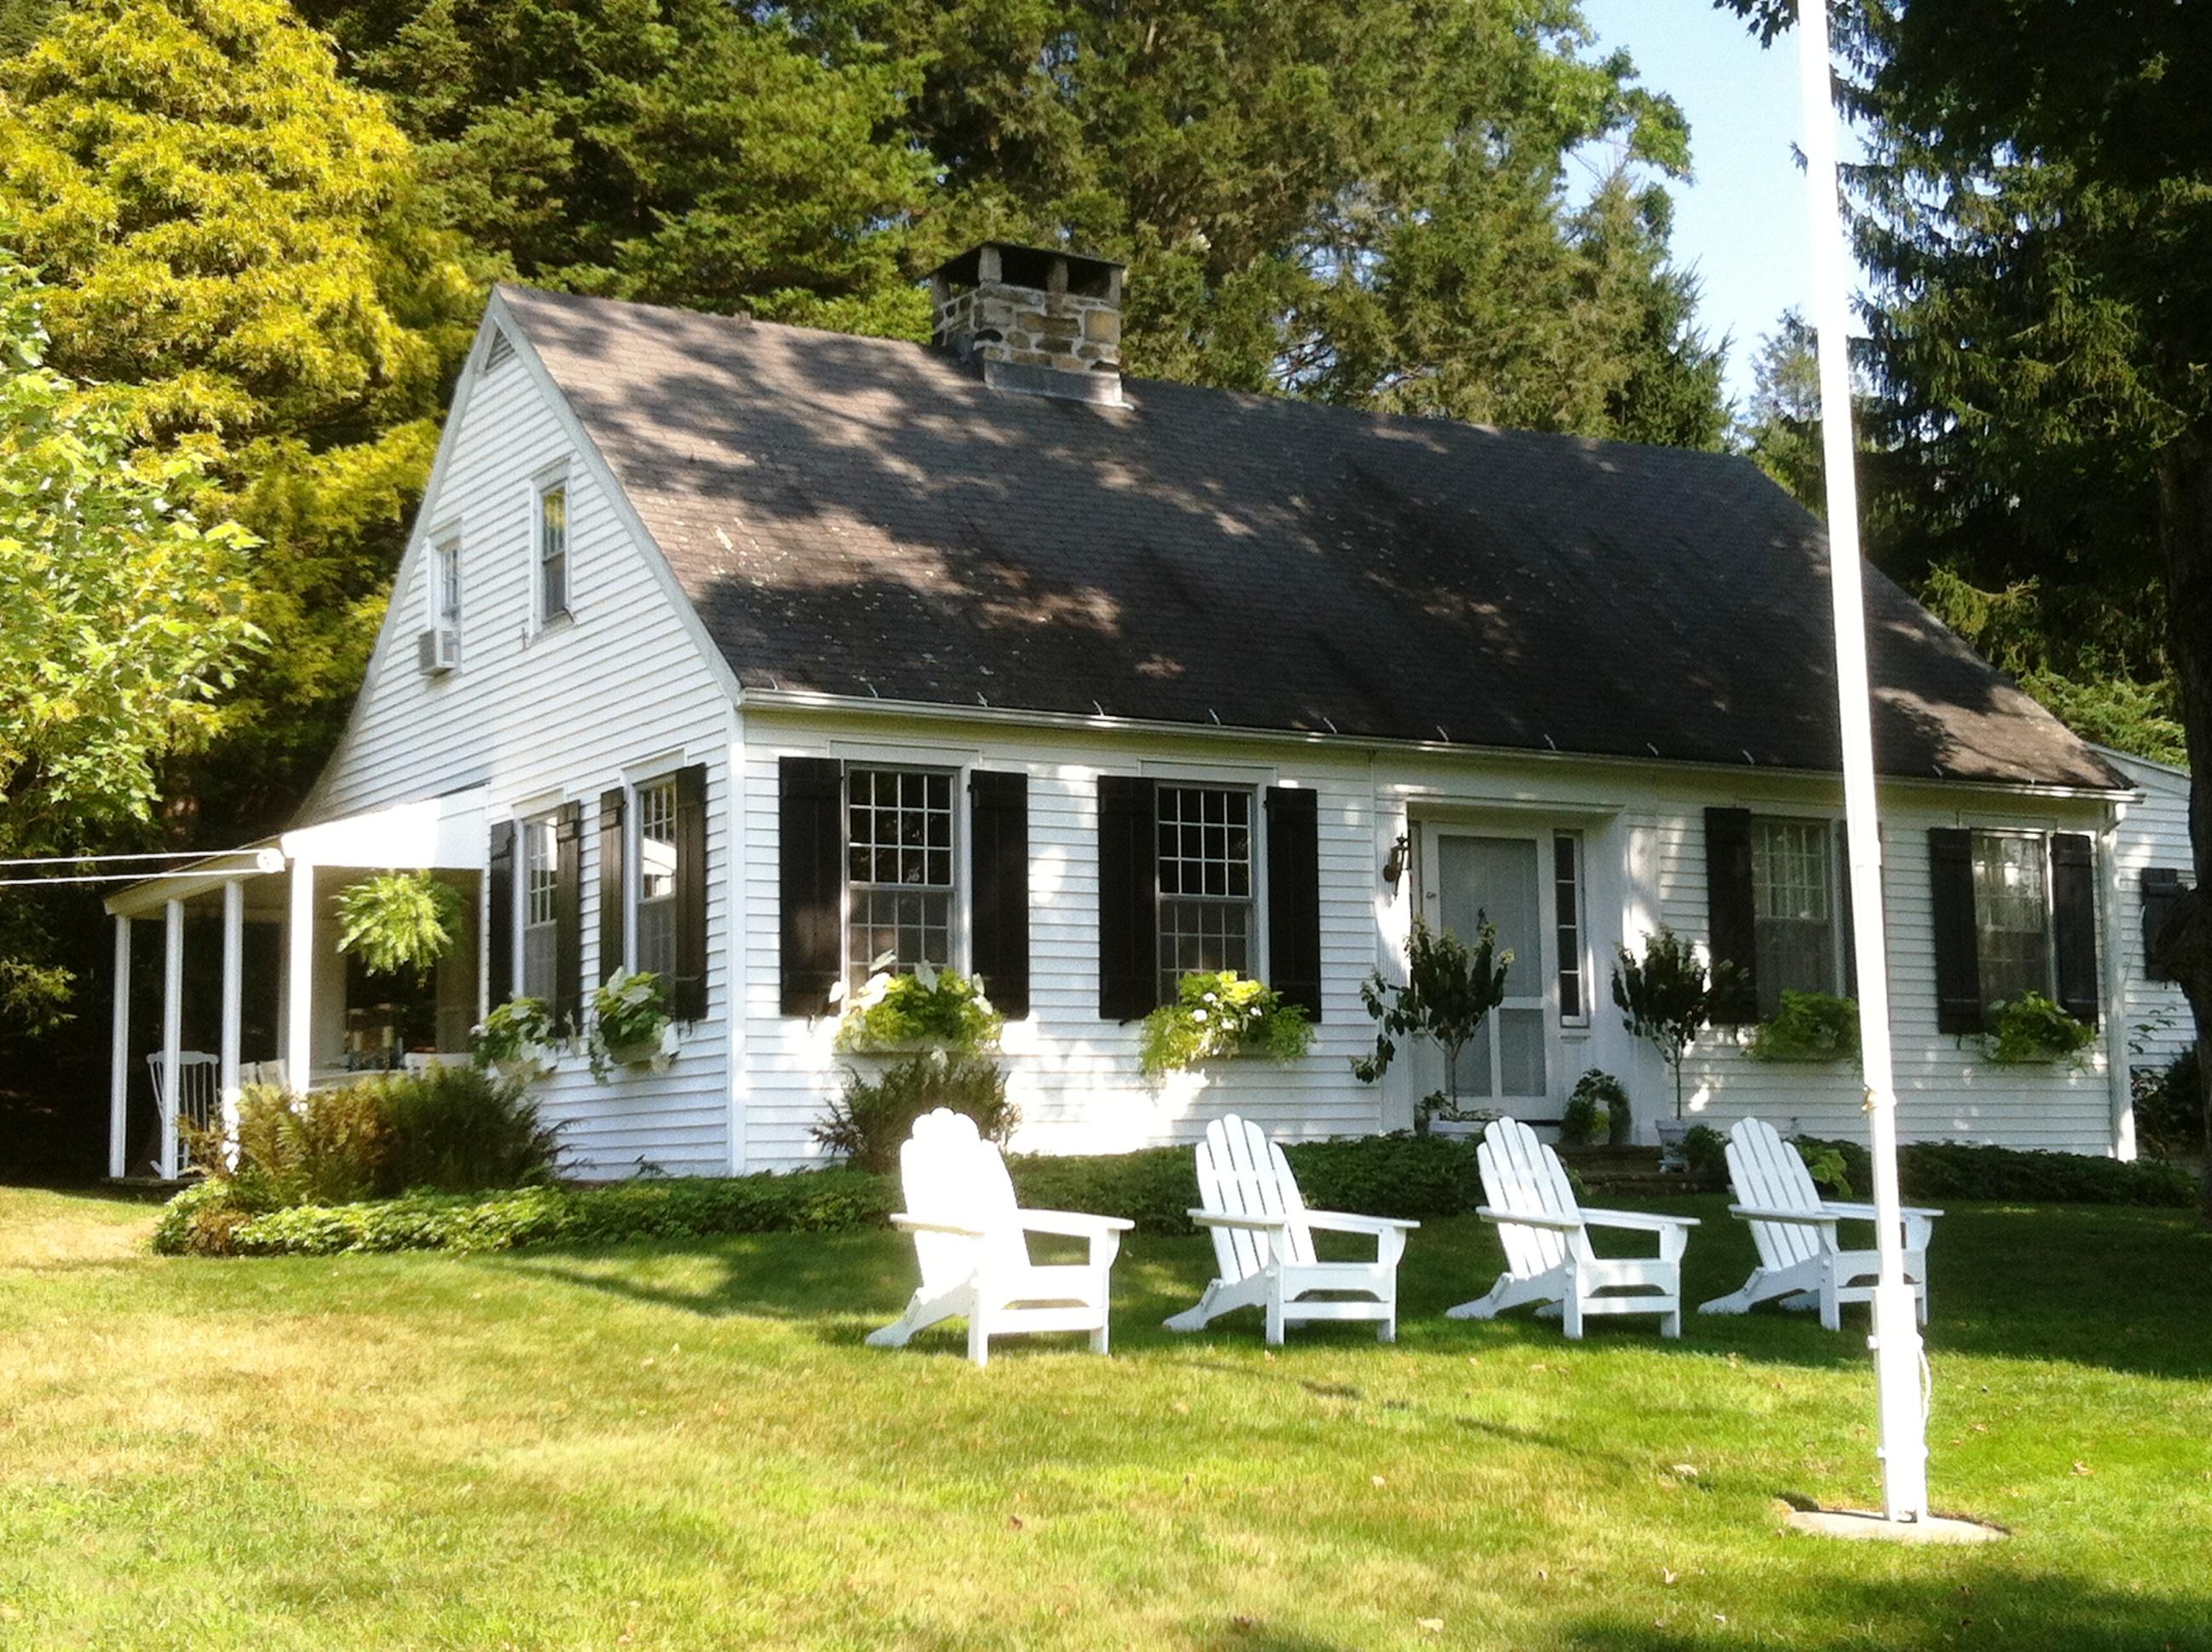 Casa Unifamiliar por un Venta en Orchard Cottage 146 Wykeham Rd Washington, Connecticut 06793 Estados Unidos